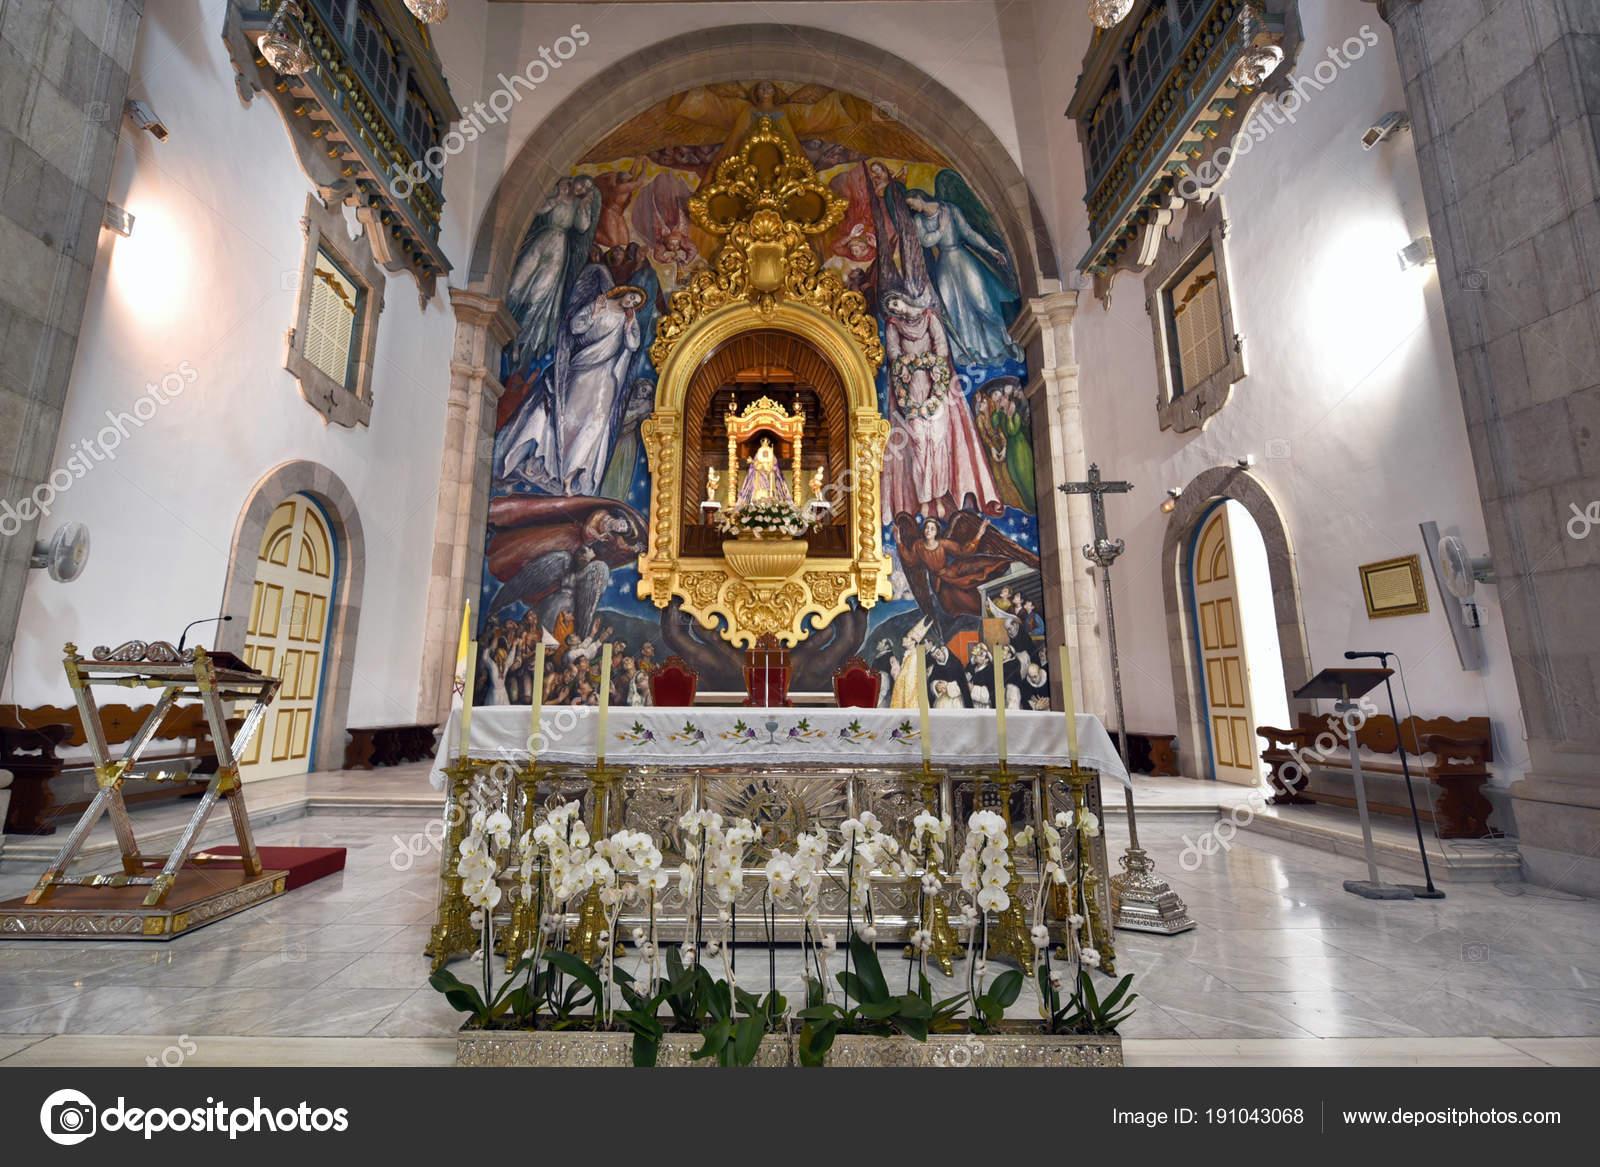 バシリカ デ ラ · カンデラリアとブラック マドンナ、カナリア諸島、スペインの守護聖人の神社のカンデラリア, スペイン - 2018 年 3 月 24 日: インテリア ビュー — ストック写真